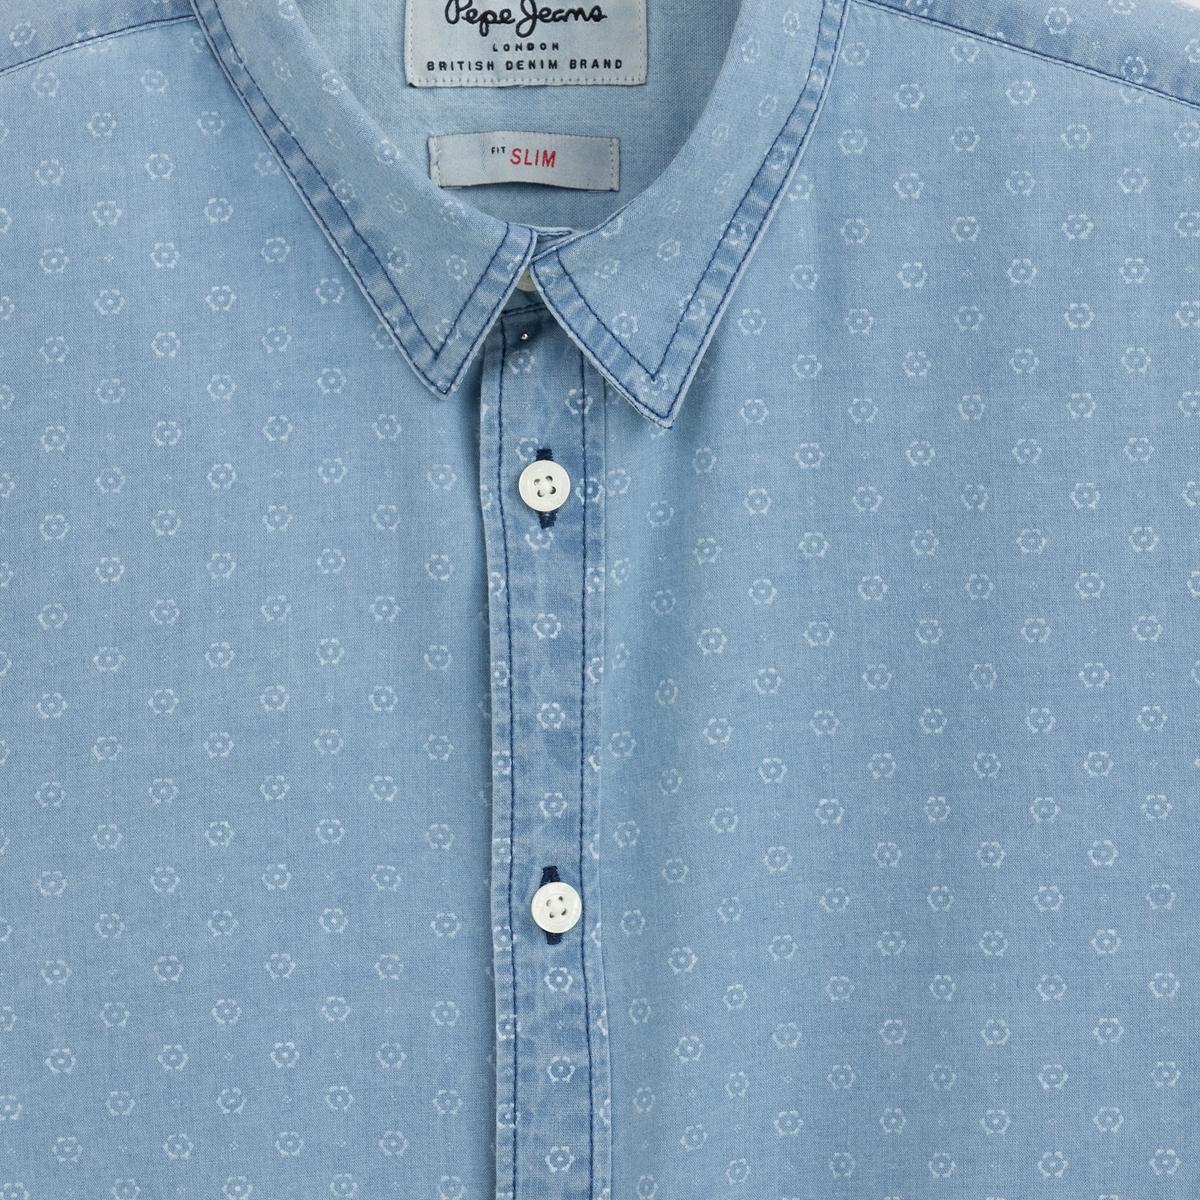 Рубашка с длинными рукавами CAUFIELDРубашка CAUFIELD de PEPE JEANS®        Длинные рукава .                   Мелкий рисунок на легком дениме, 100% хлопка. Воротник с уголками.<br><br>Цвет: светлый индиго